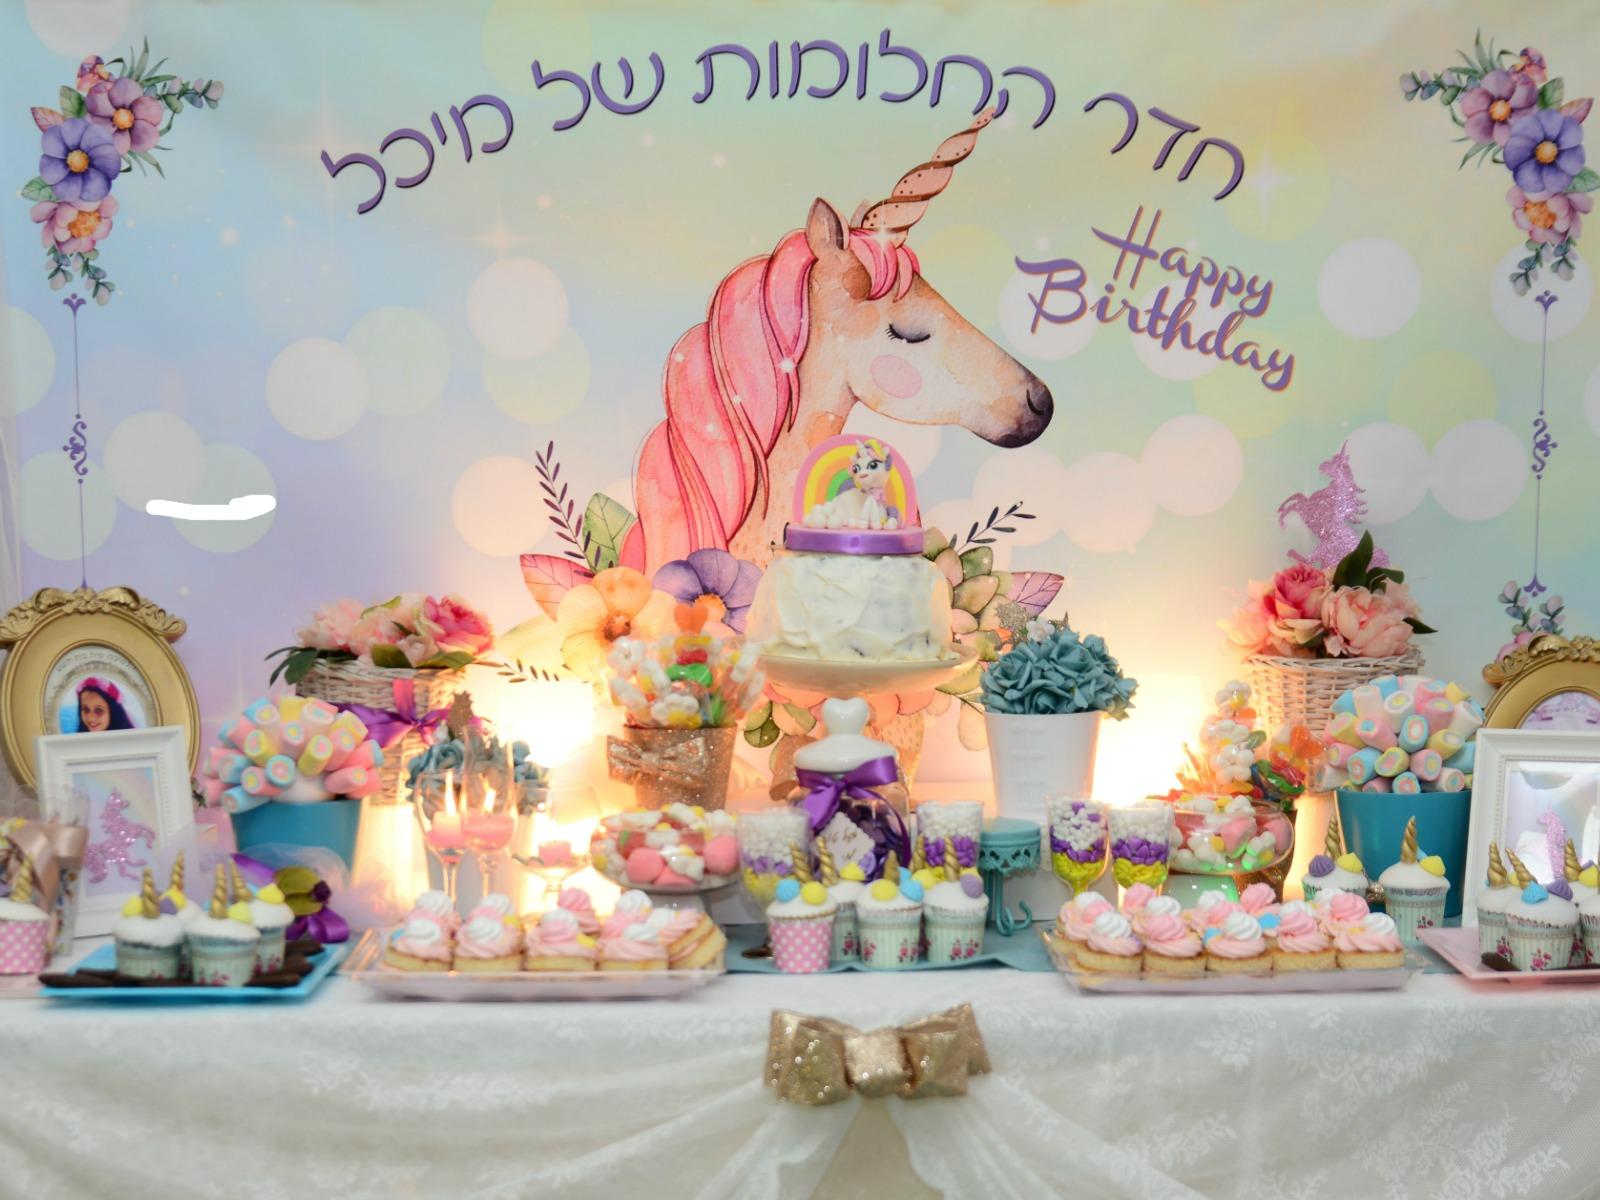 שולחן בר מתוק חד קרן, יום הולדת חד קרן